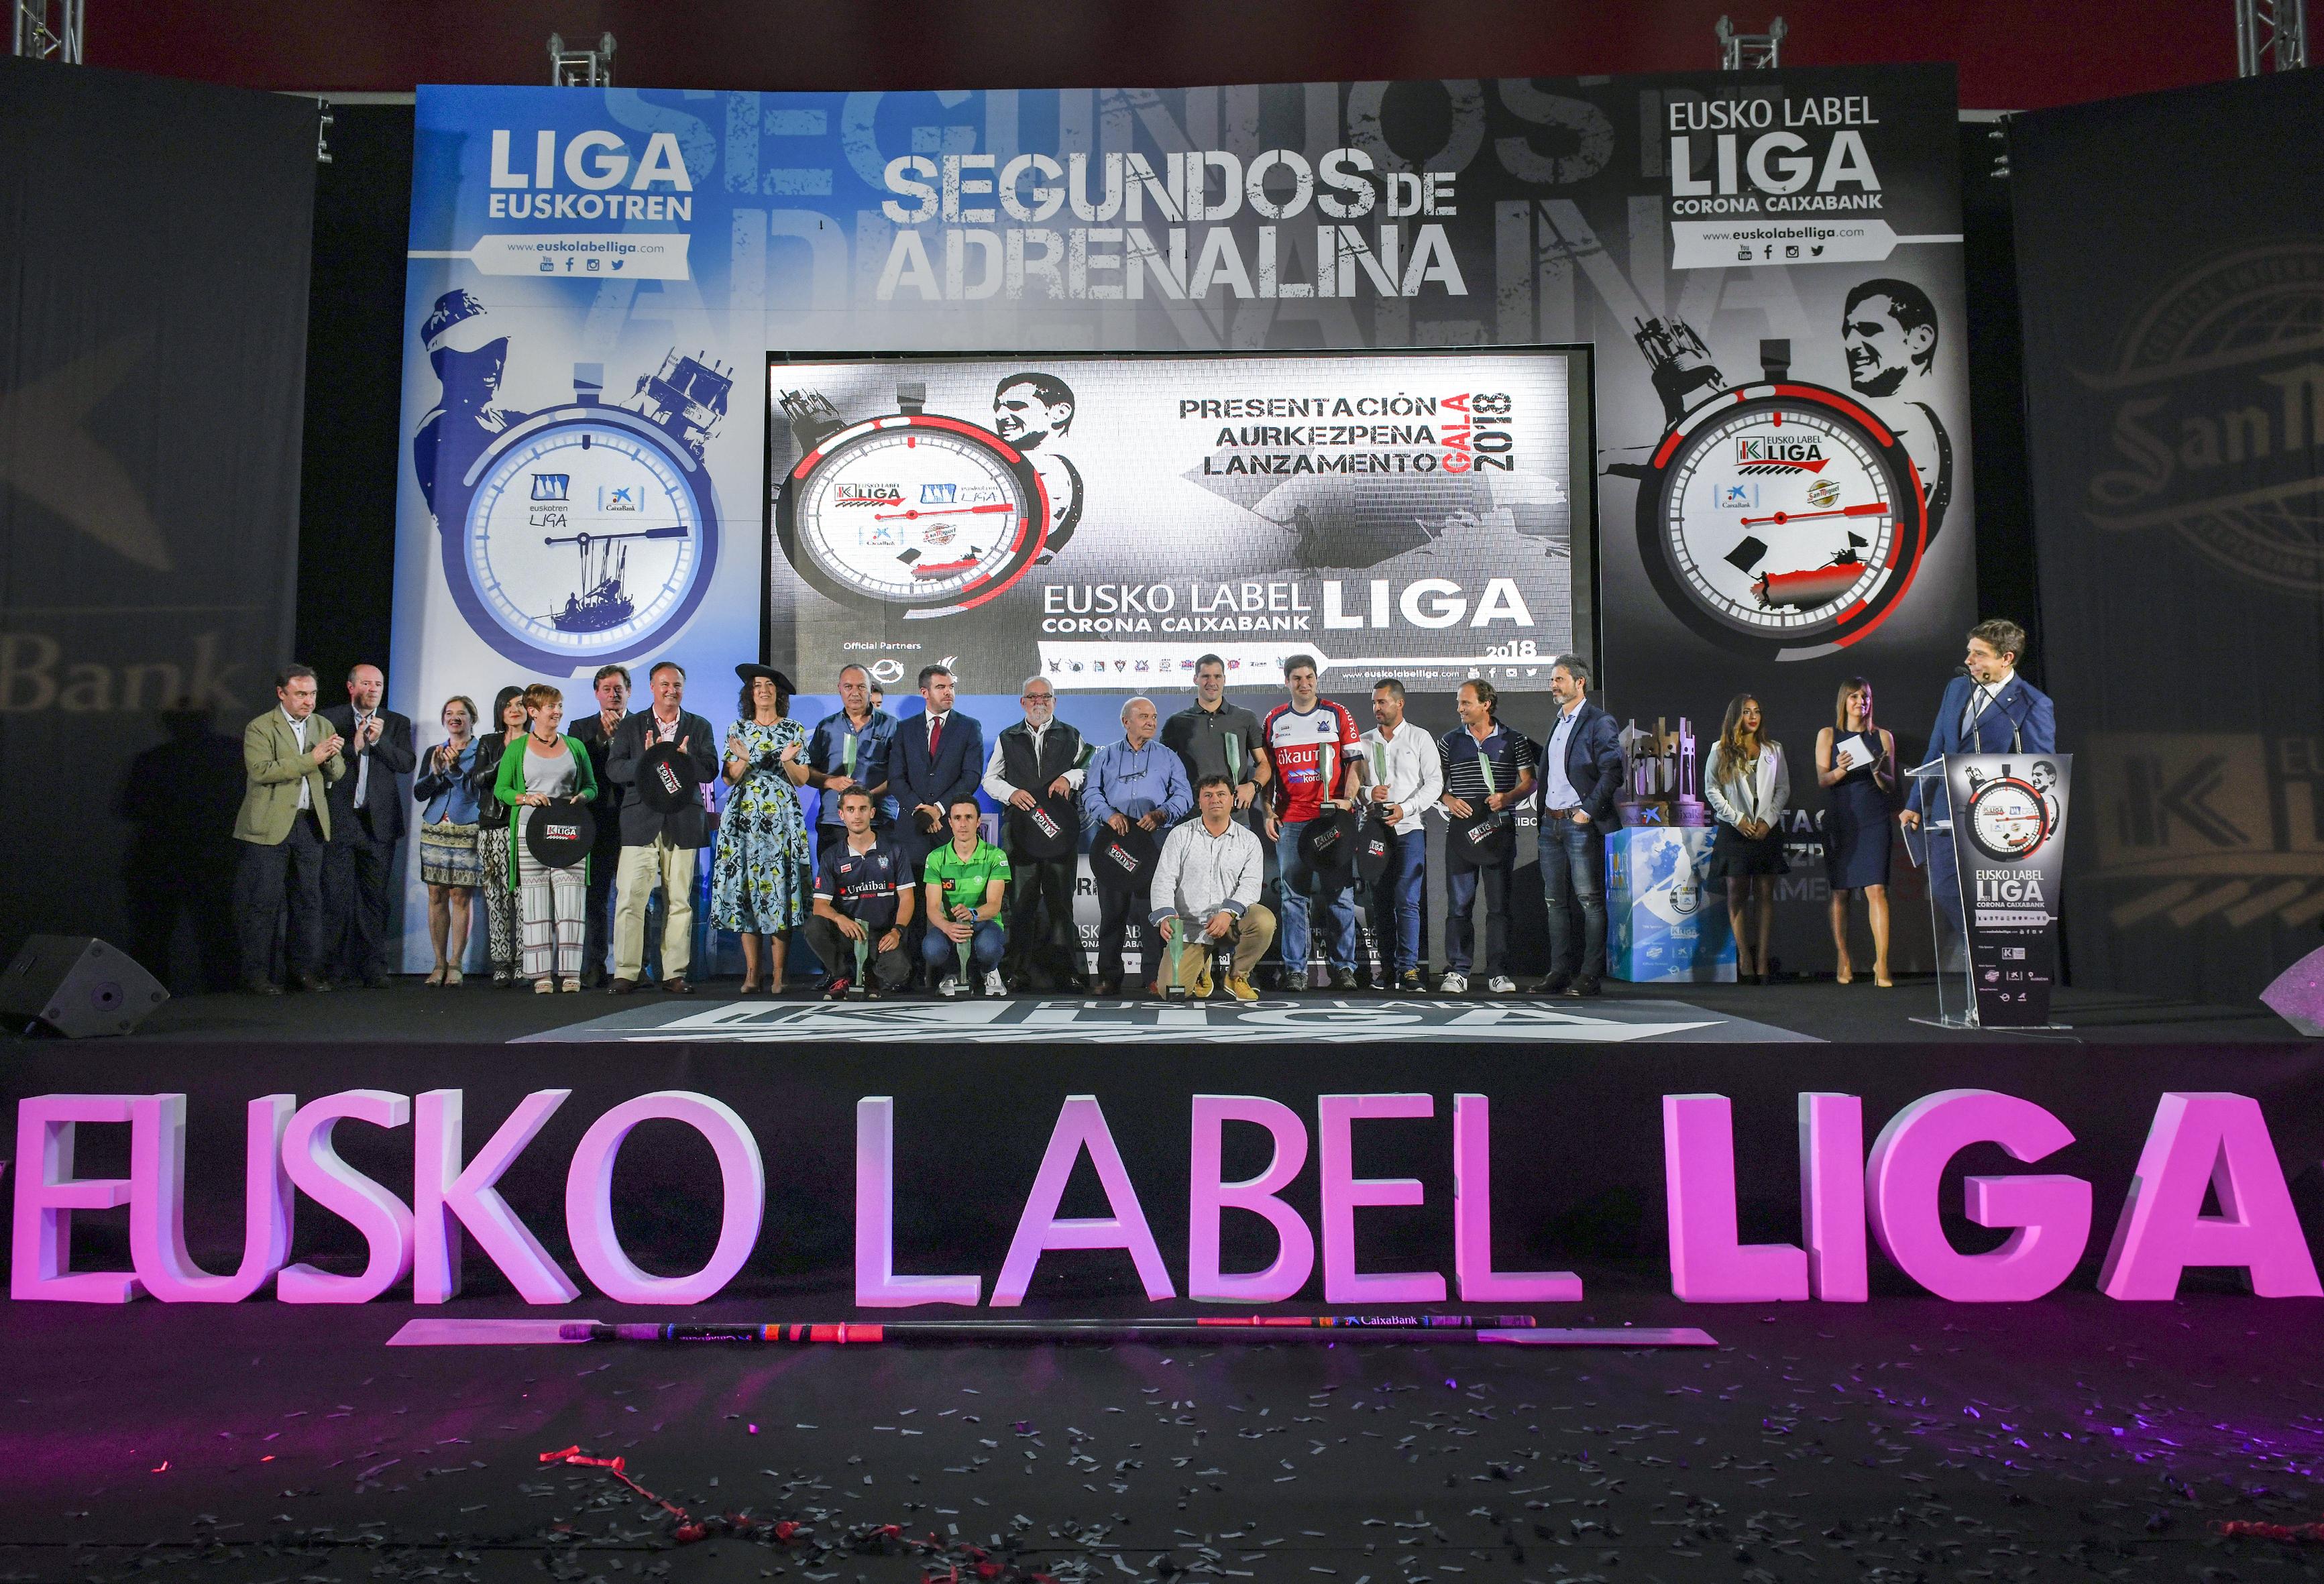 Liga_Euskotren_eta_Euskolabel_14.jpg